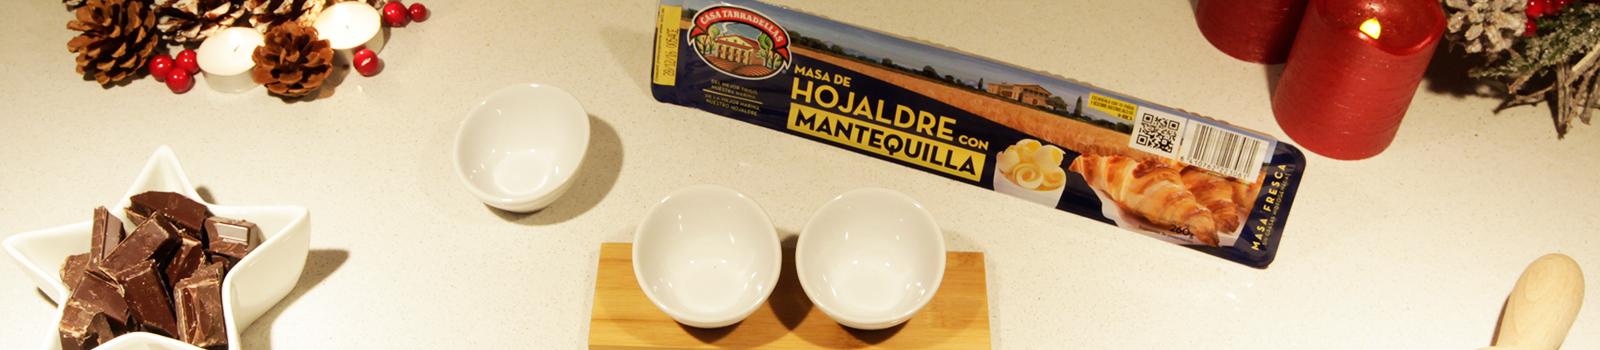 hd-base-hojaldre-mantequilla-casa-tarradellas